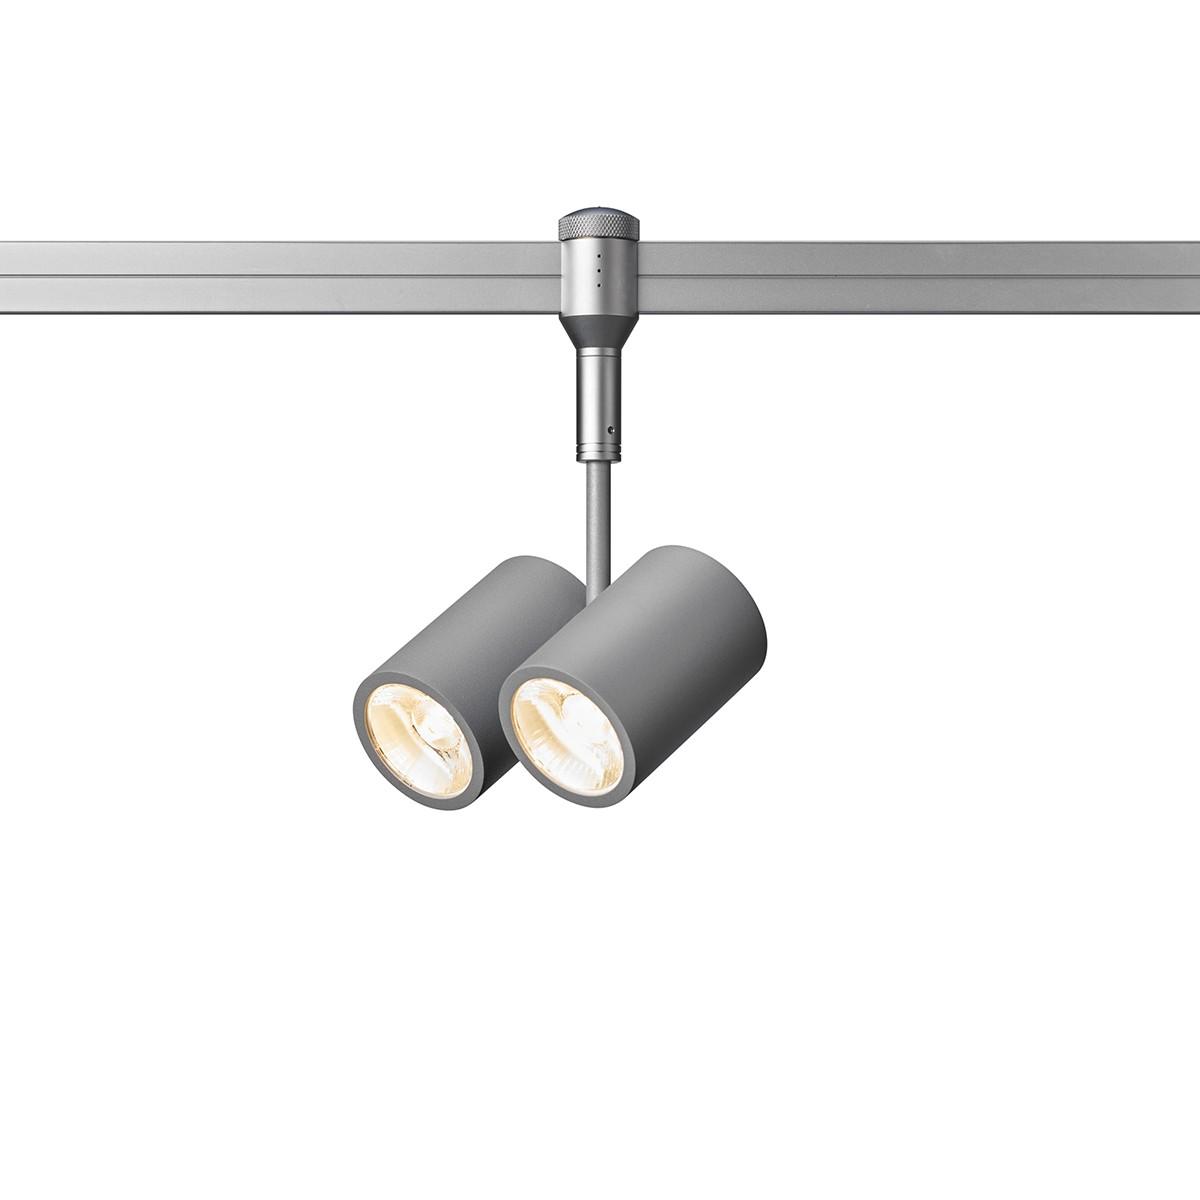 Oligo CHECK-IN Walley LED Strahler, 2-flg, Chrom matt